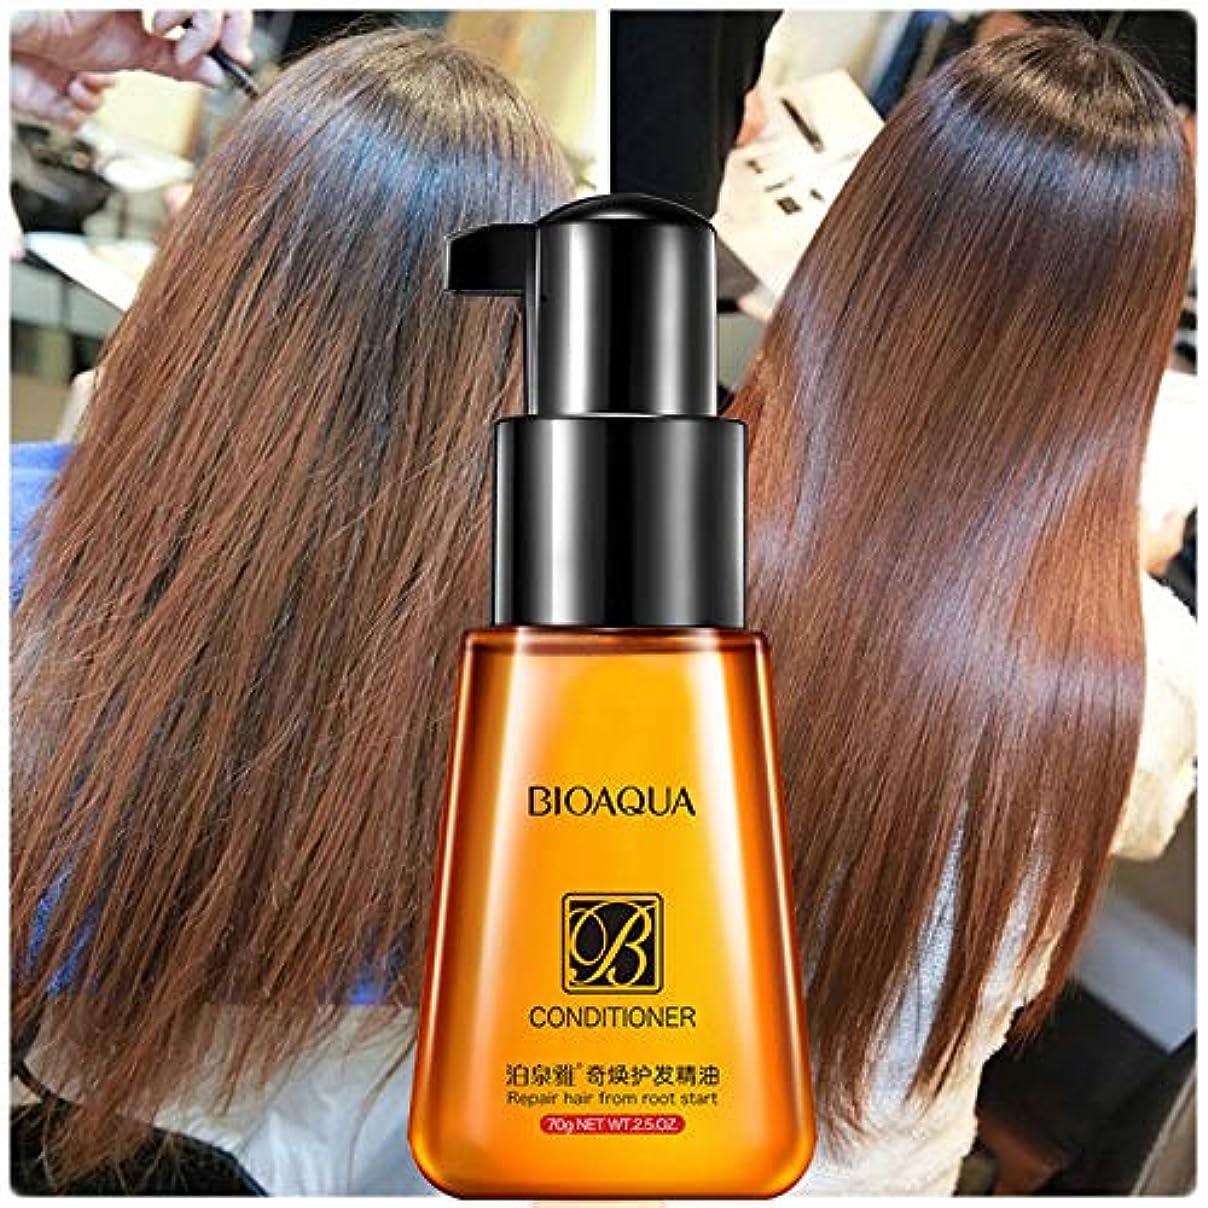 Symboat ヘアケアエッセンシャルオイル 理髪 スタイリング 自然なヘアーケア 保湿剤 精油 洗わない ヘアケア修復保護 保湿髪用 トリートメントオイル 髪 やわらか なめらか しなやかさ